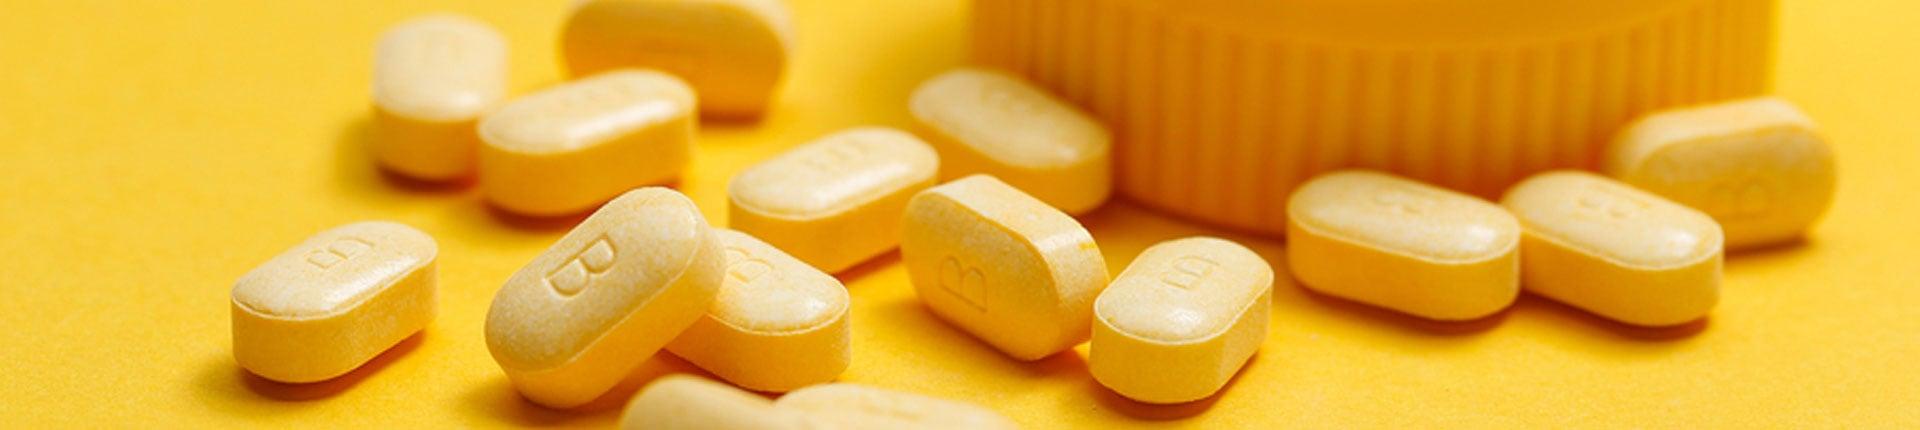 Najlepsza witamina B - jaką witaminę B wybrać?